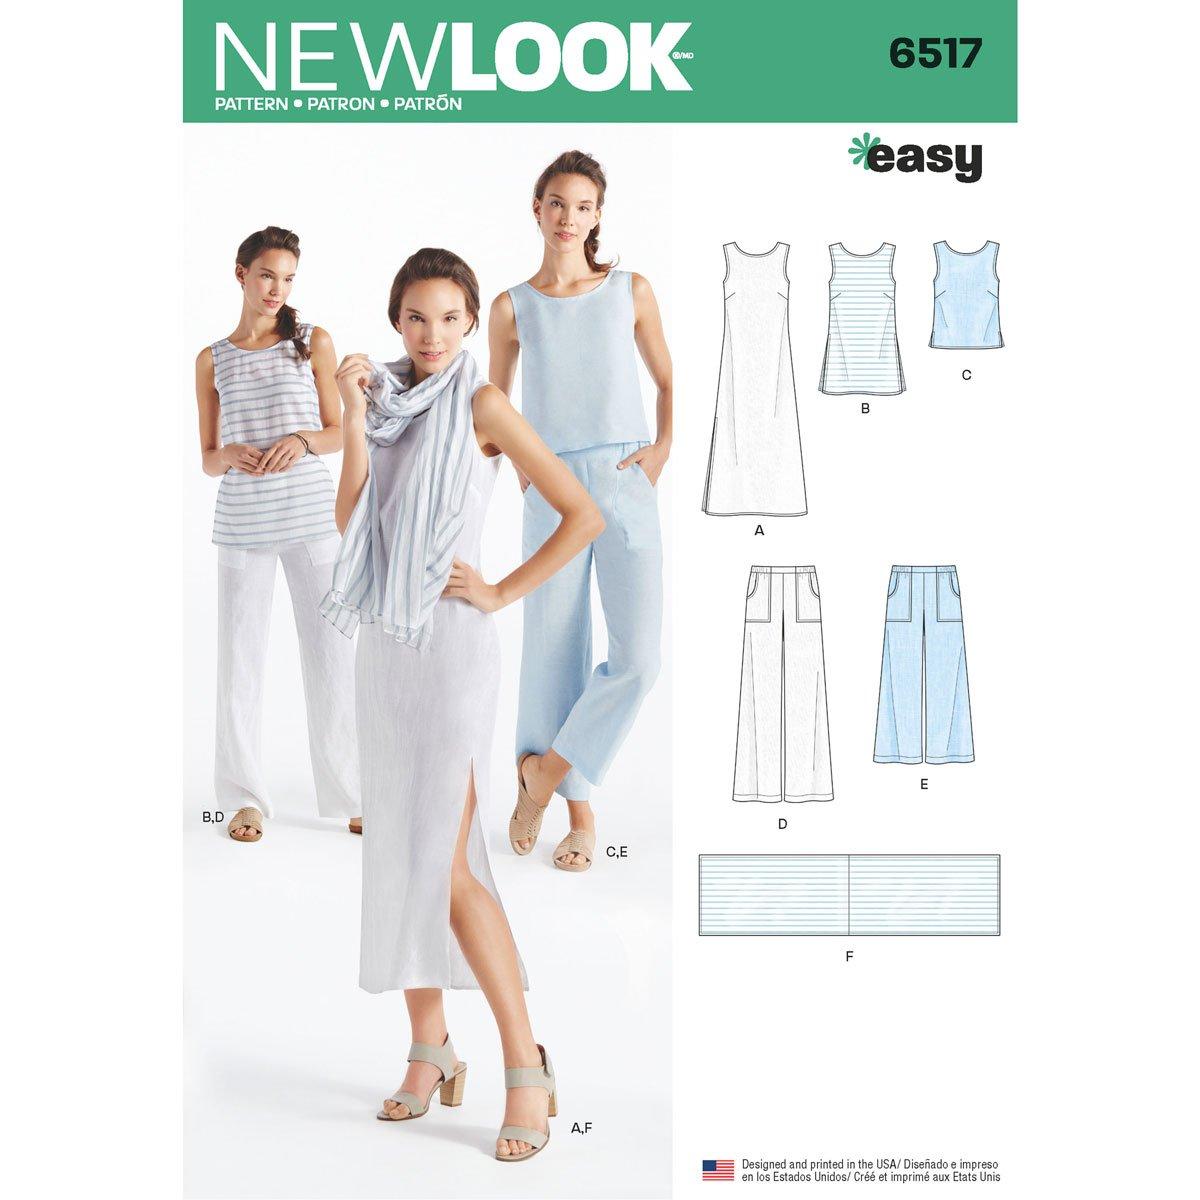 Simplicity New Look patrón de la Mujer Vestido/túnica/Superior ...